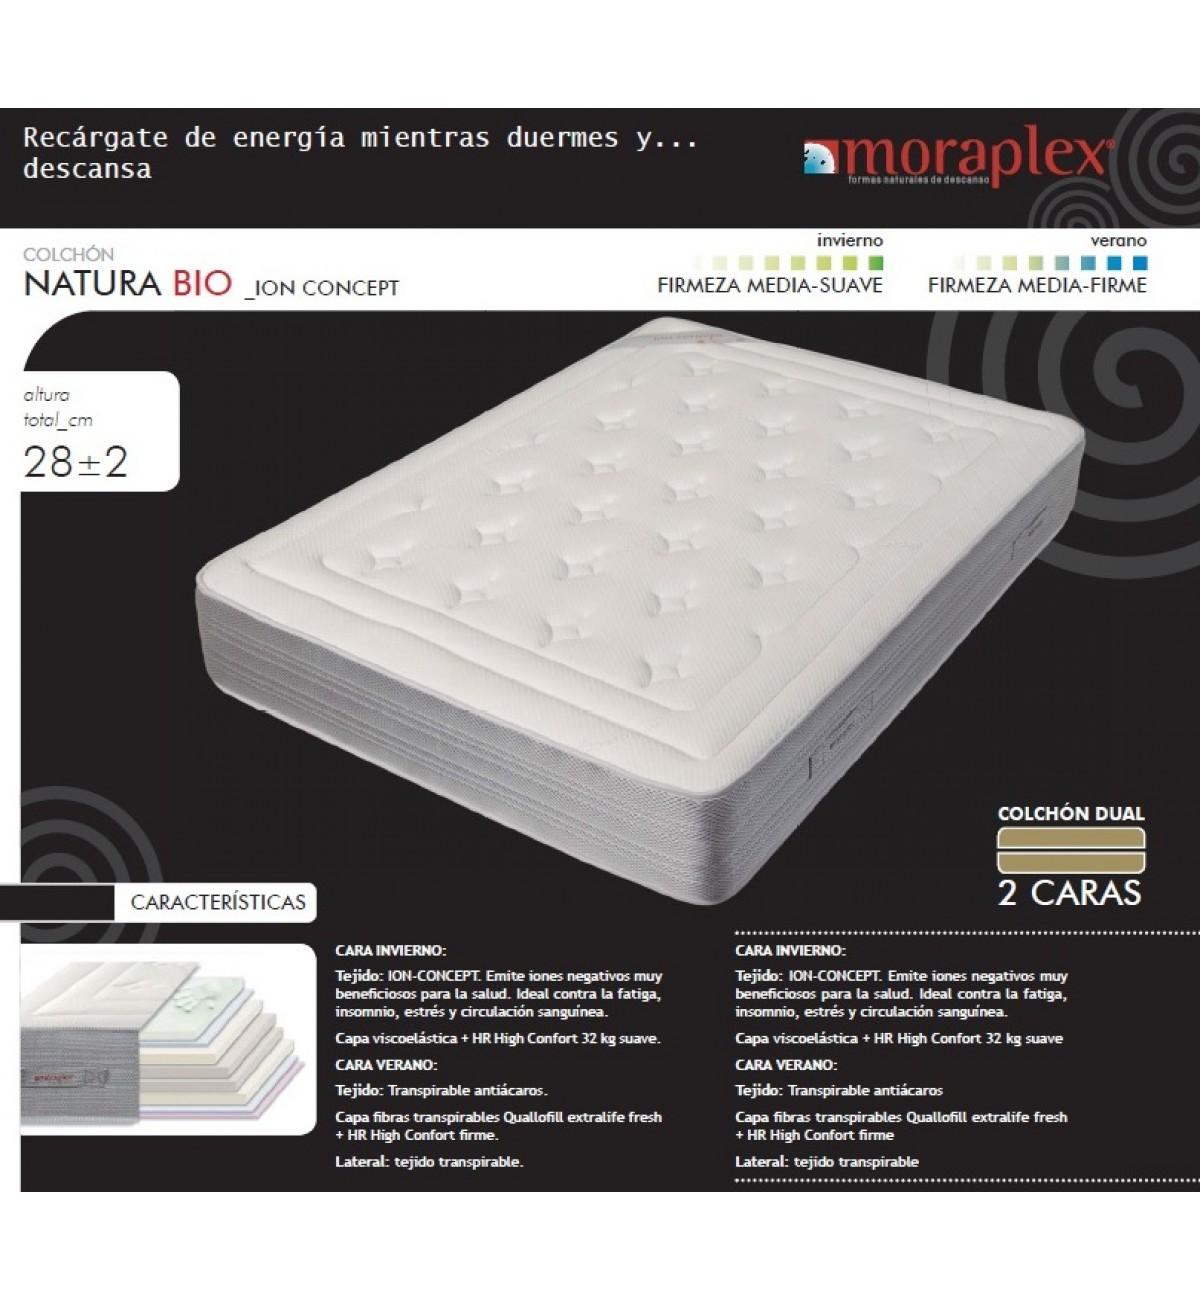 Colchón Natura Bio de Moraplex con sistema Ion Concept al mejor